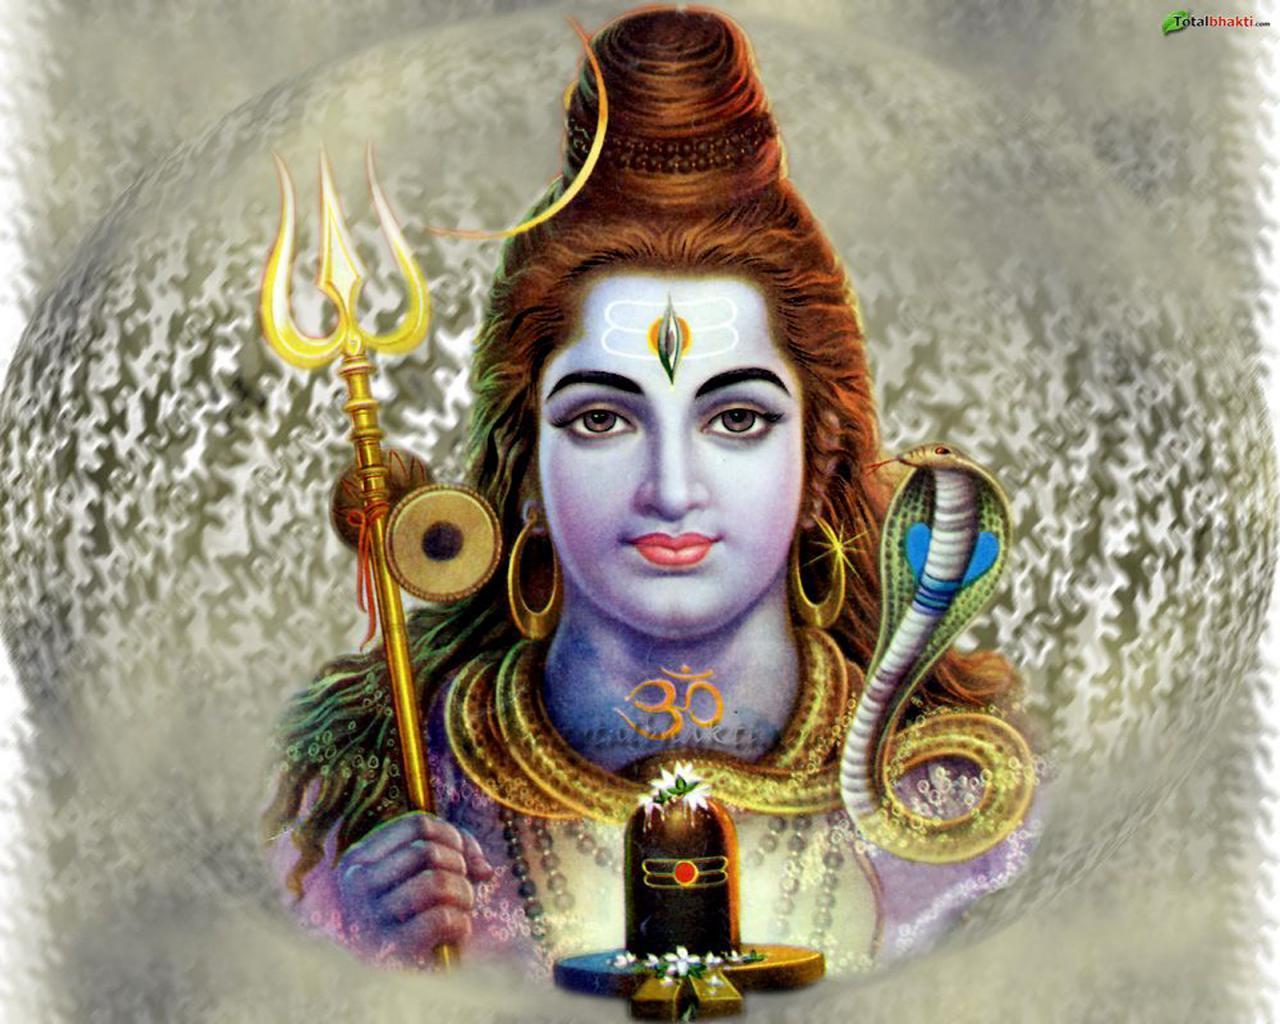 Tudo o que você precisa saber sobre o Shiva, o Grande Deus Hindu